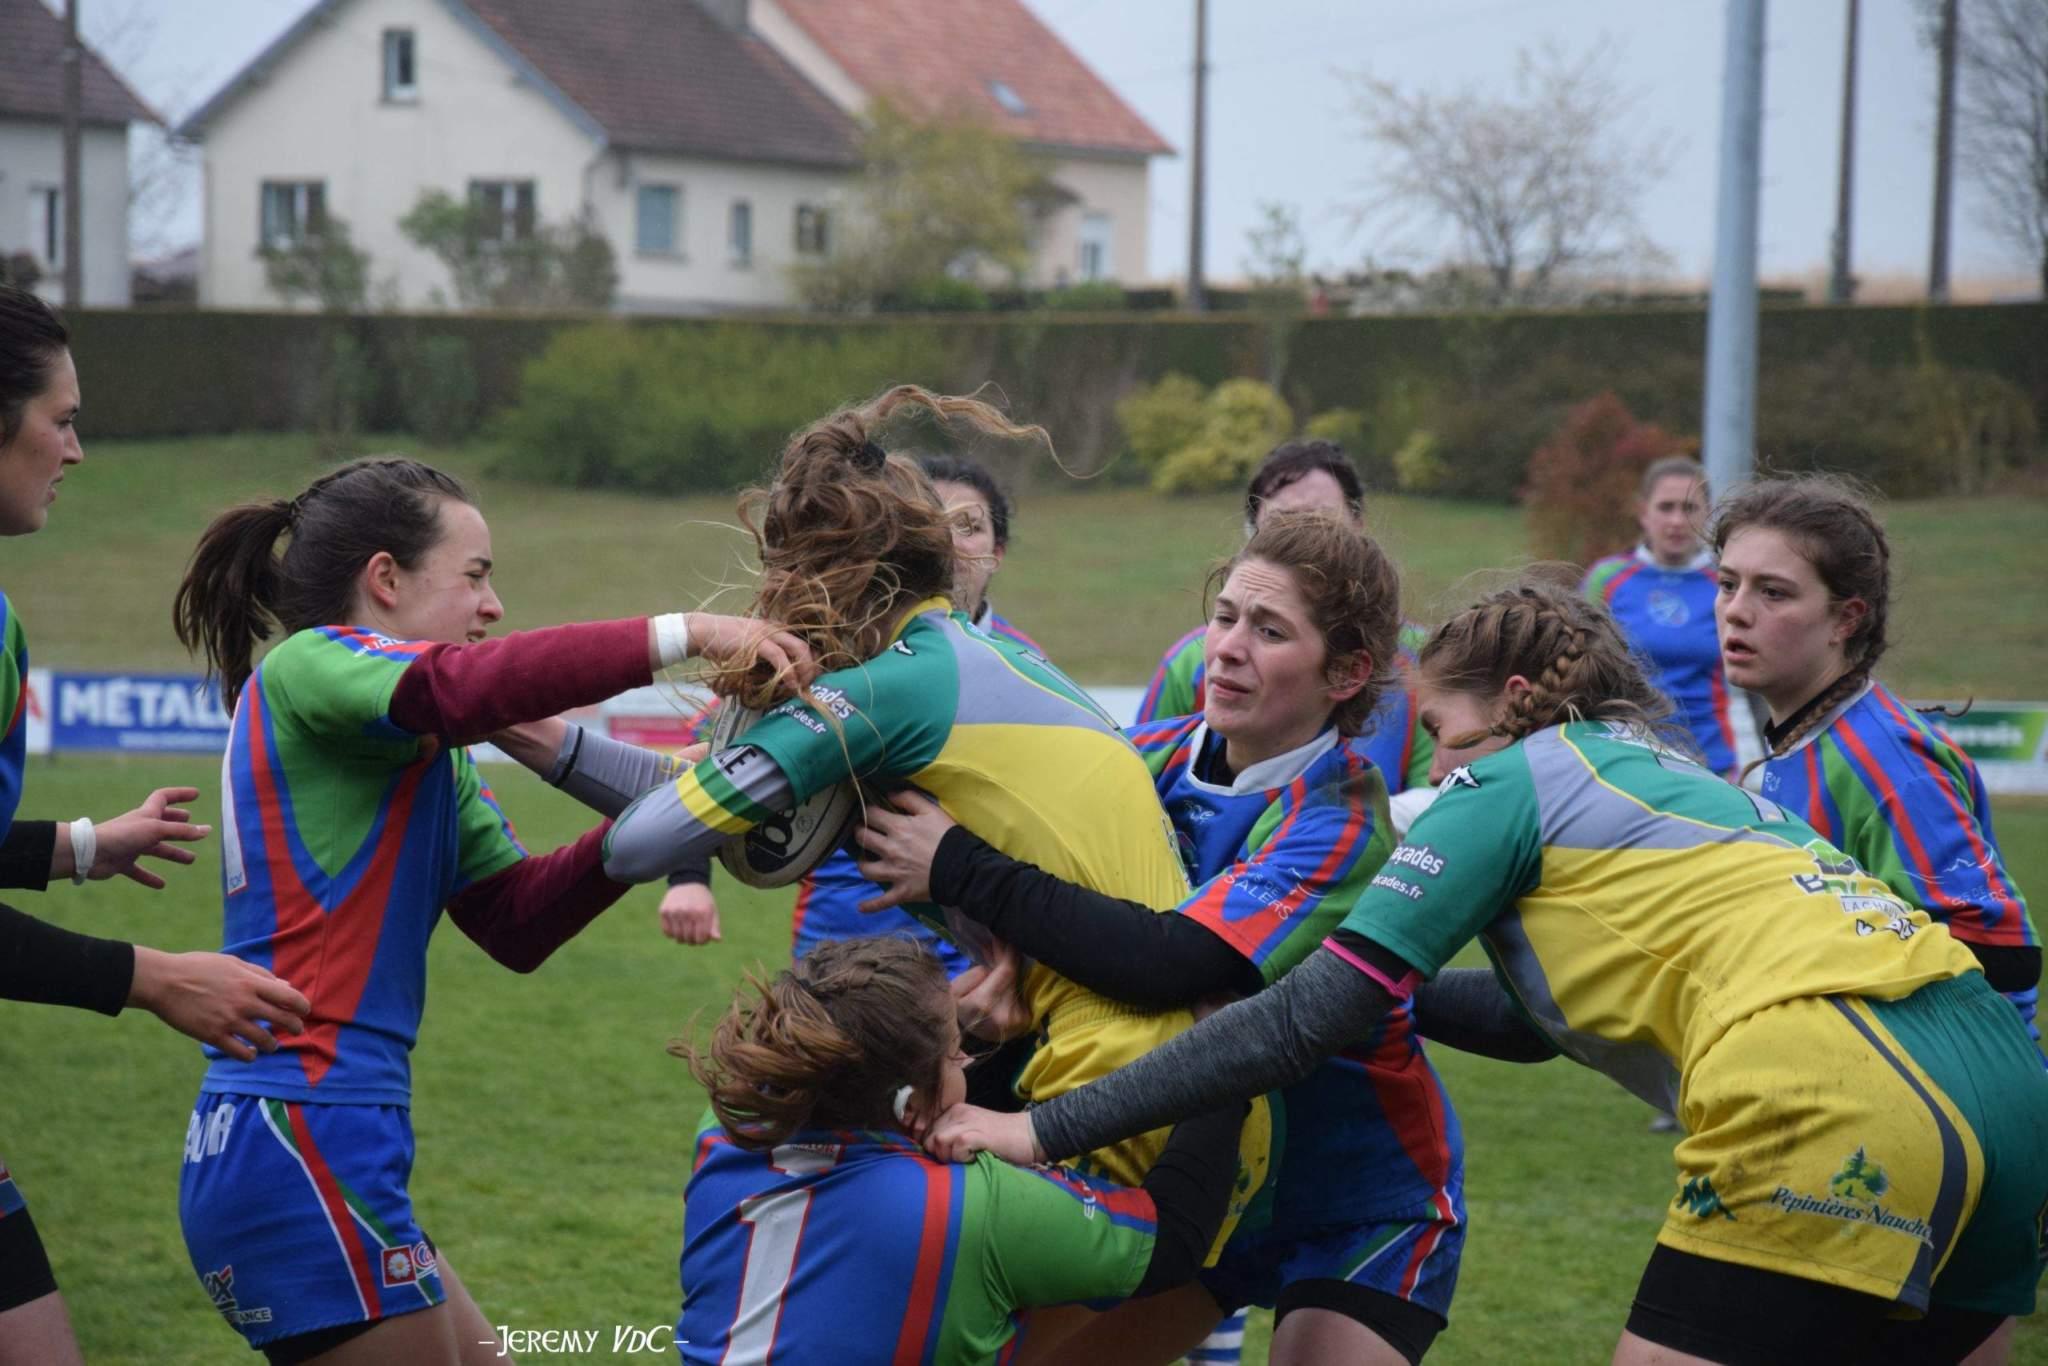 Clap de fin pour les féminines ? (photo Jérémy VdC)